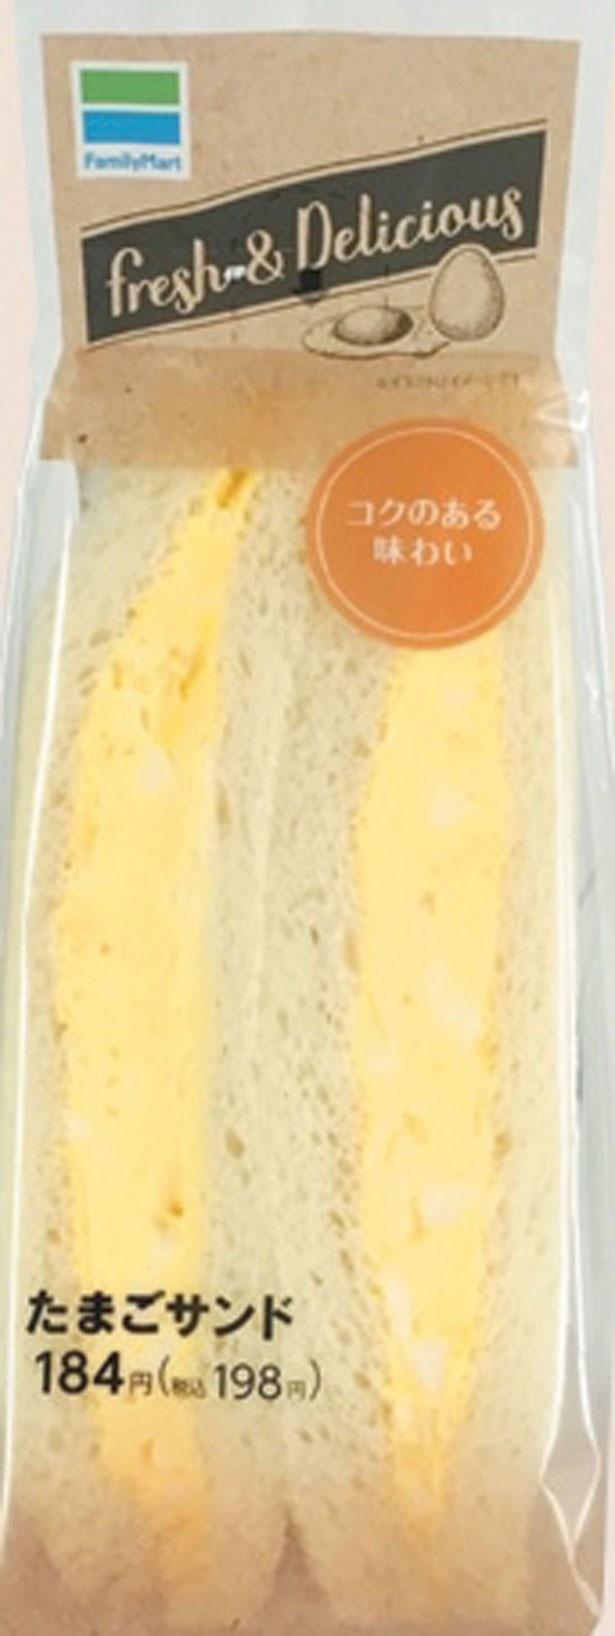 卵の自然な味わいを引き出した「たまごサンド」(198円)